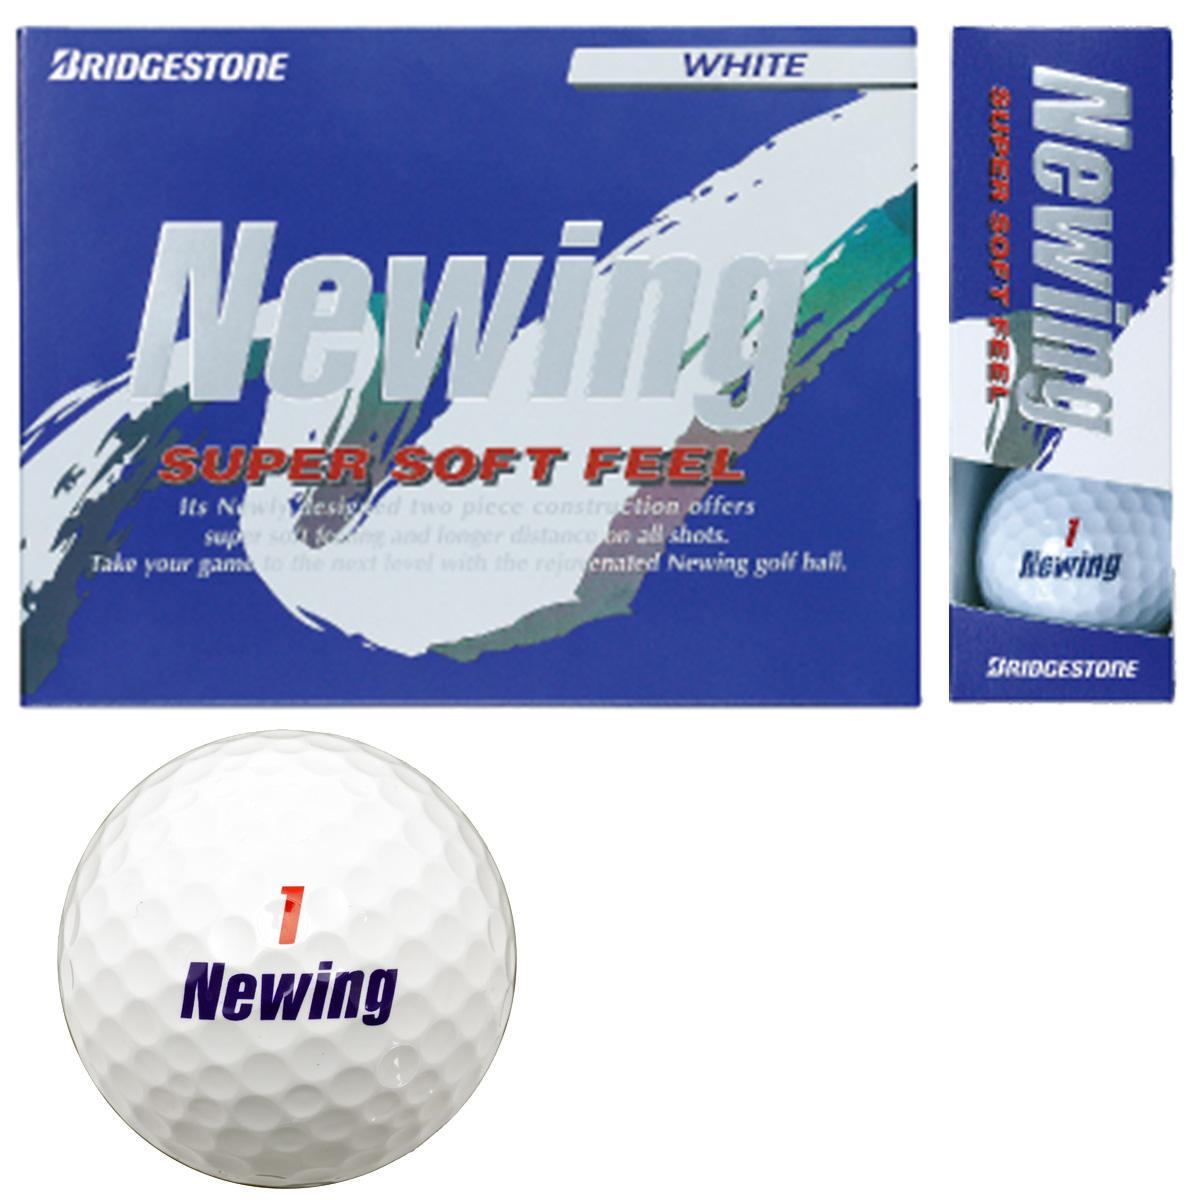 ブリヂストン NEWING ニューイング SUPER SOFT FEEL ボール [ブリジストン bridgestione まとめ買い ついで買い 即納 あす楽]